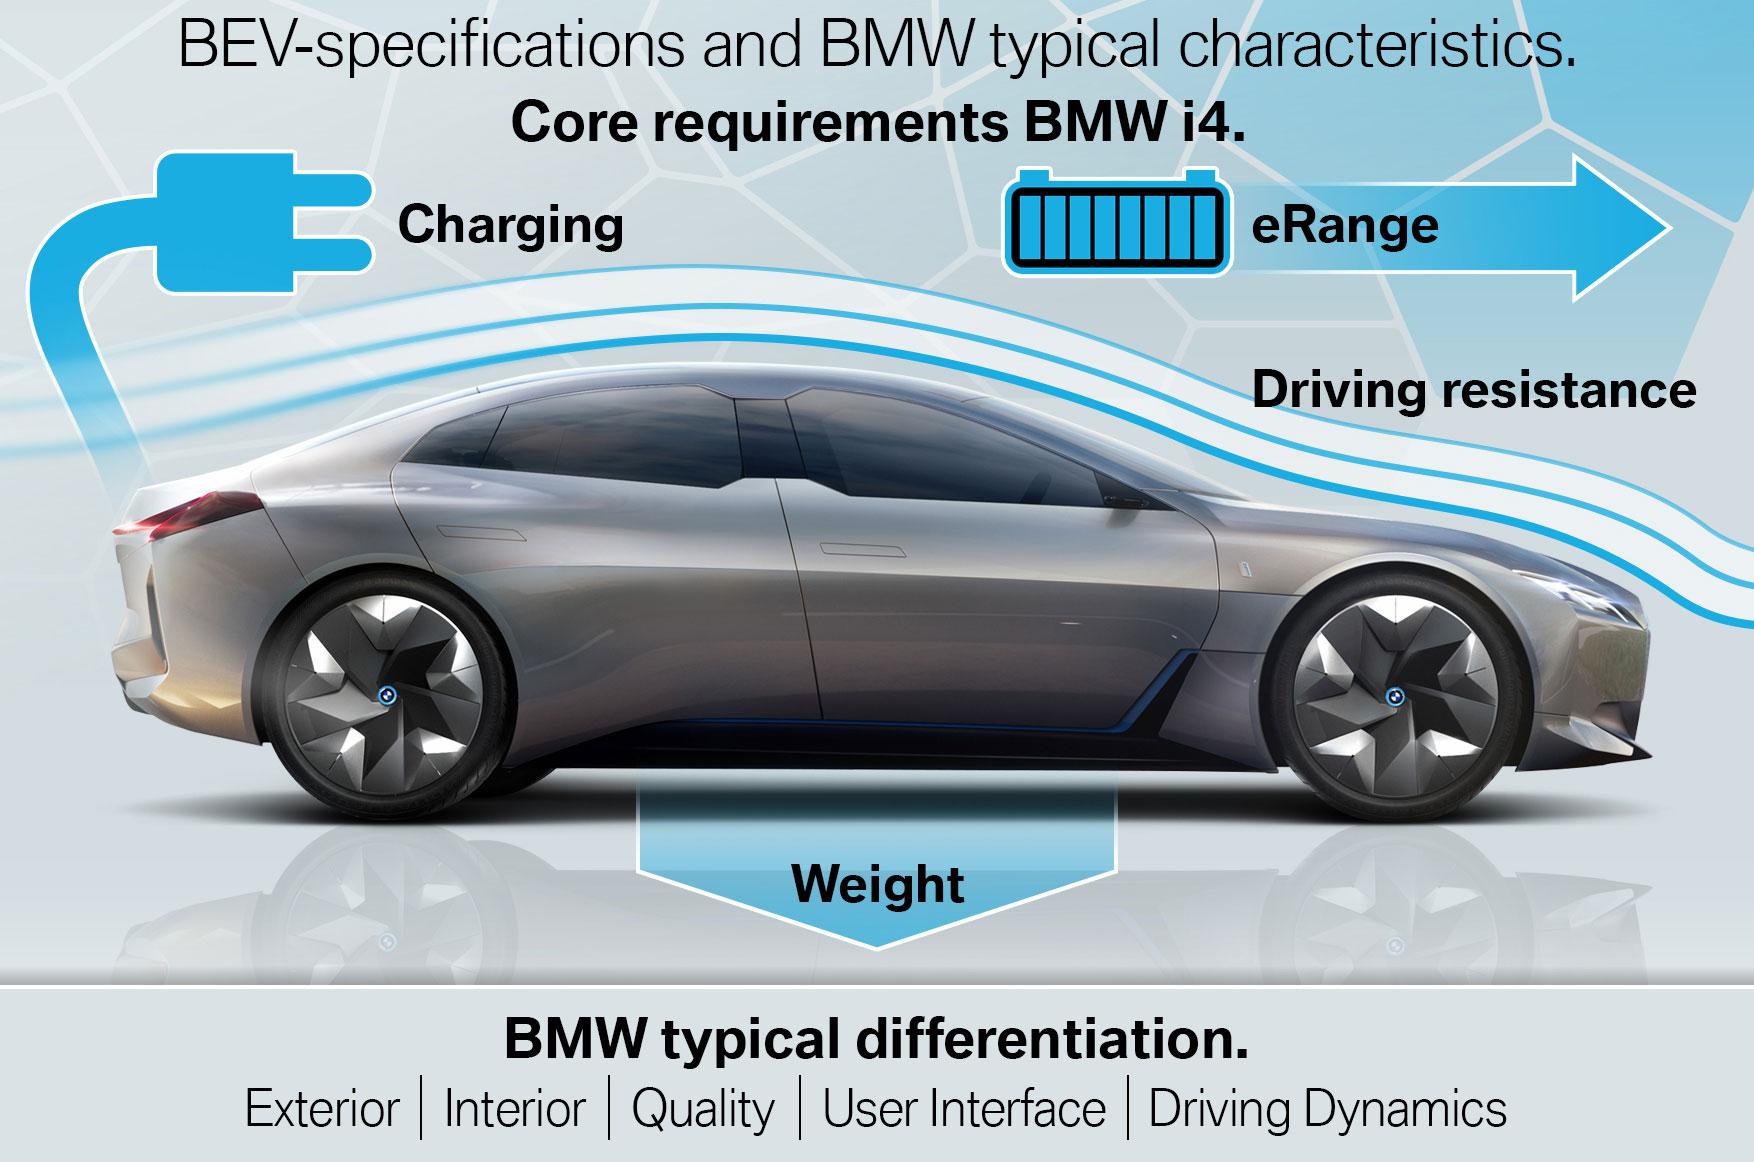 Dienstag-News: Tesla Kompaktwagen, Verbrenner-Software im Stromer, nach Wasserstoff jetzt E-Fuels, ID.3 weitere Verzögerungen